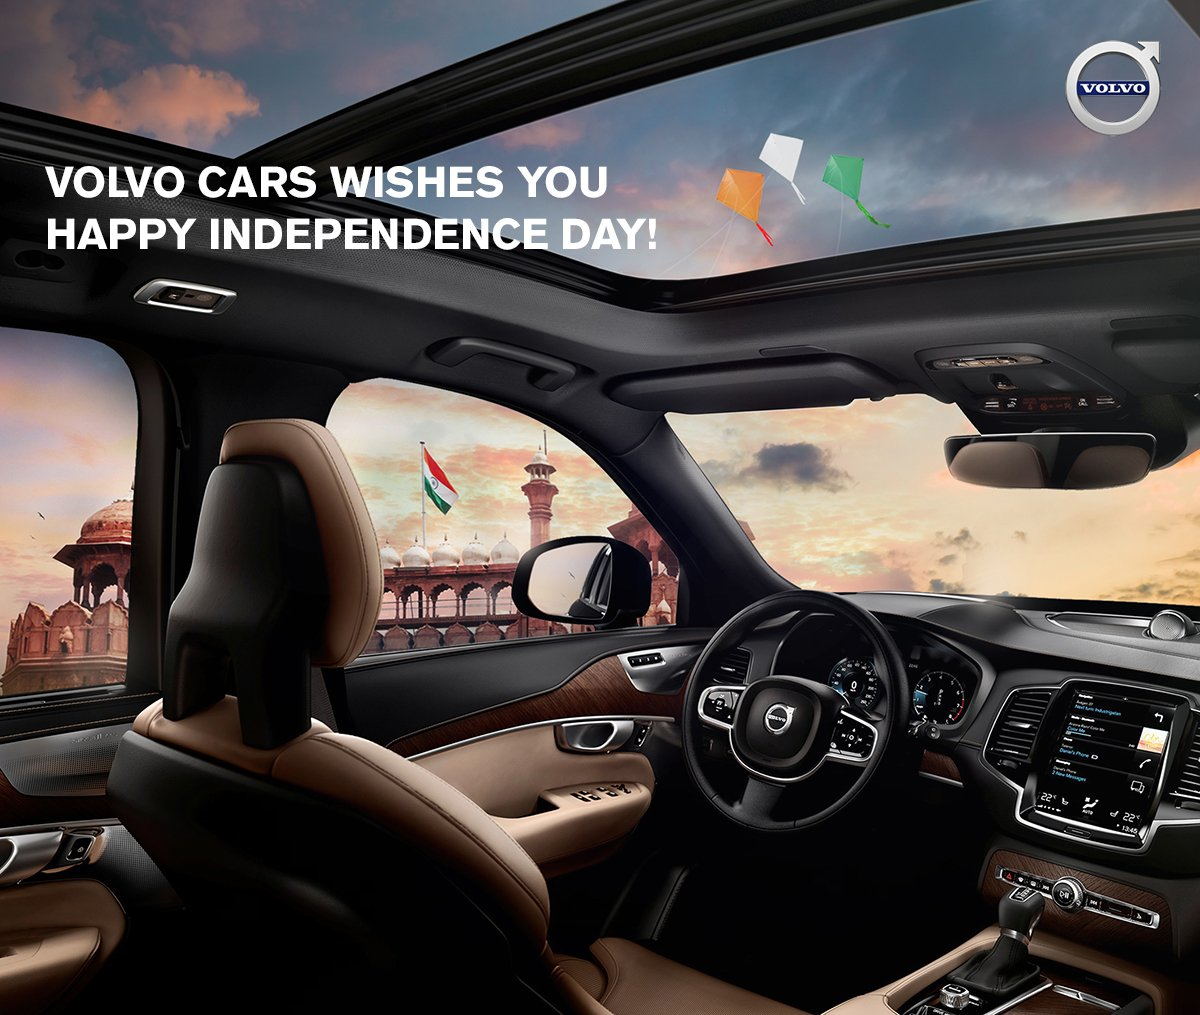 Volvo Auto India on Twitter: